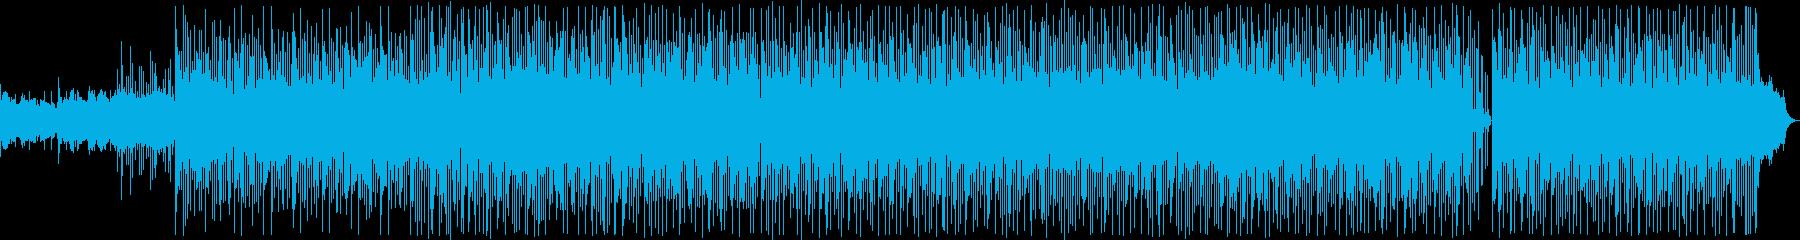 ムーディな雰囲気のジャズバラード2の再生済みの波形